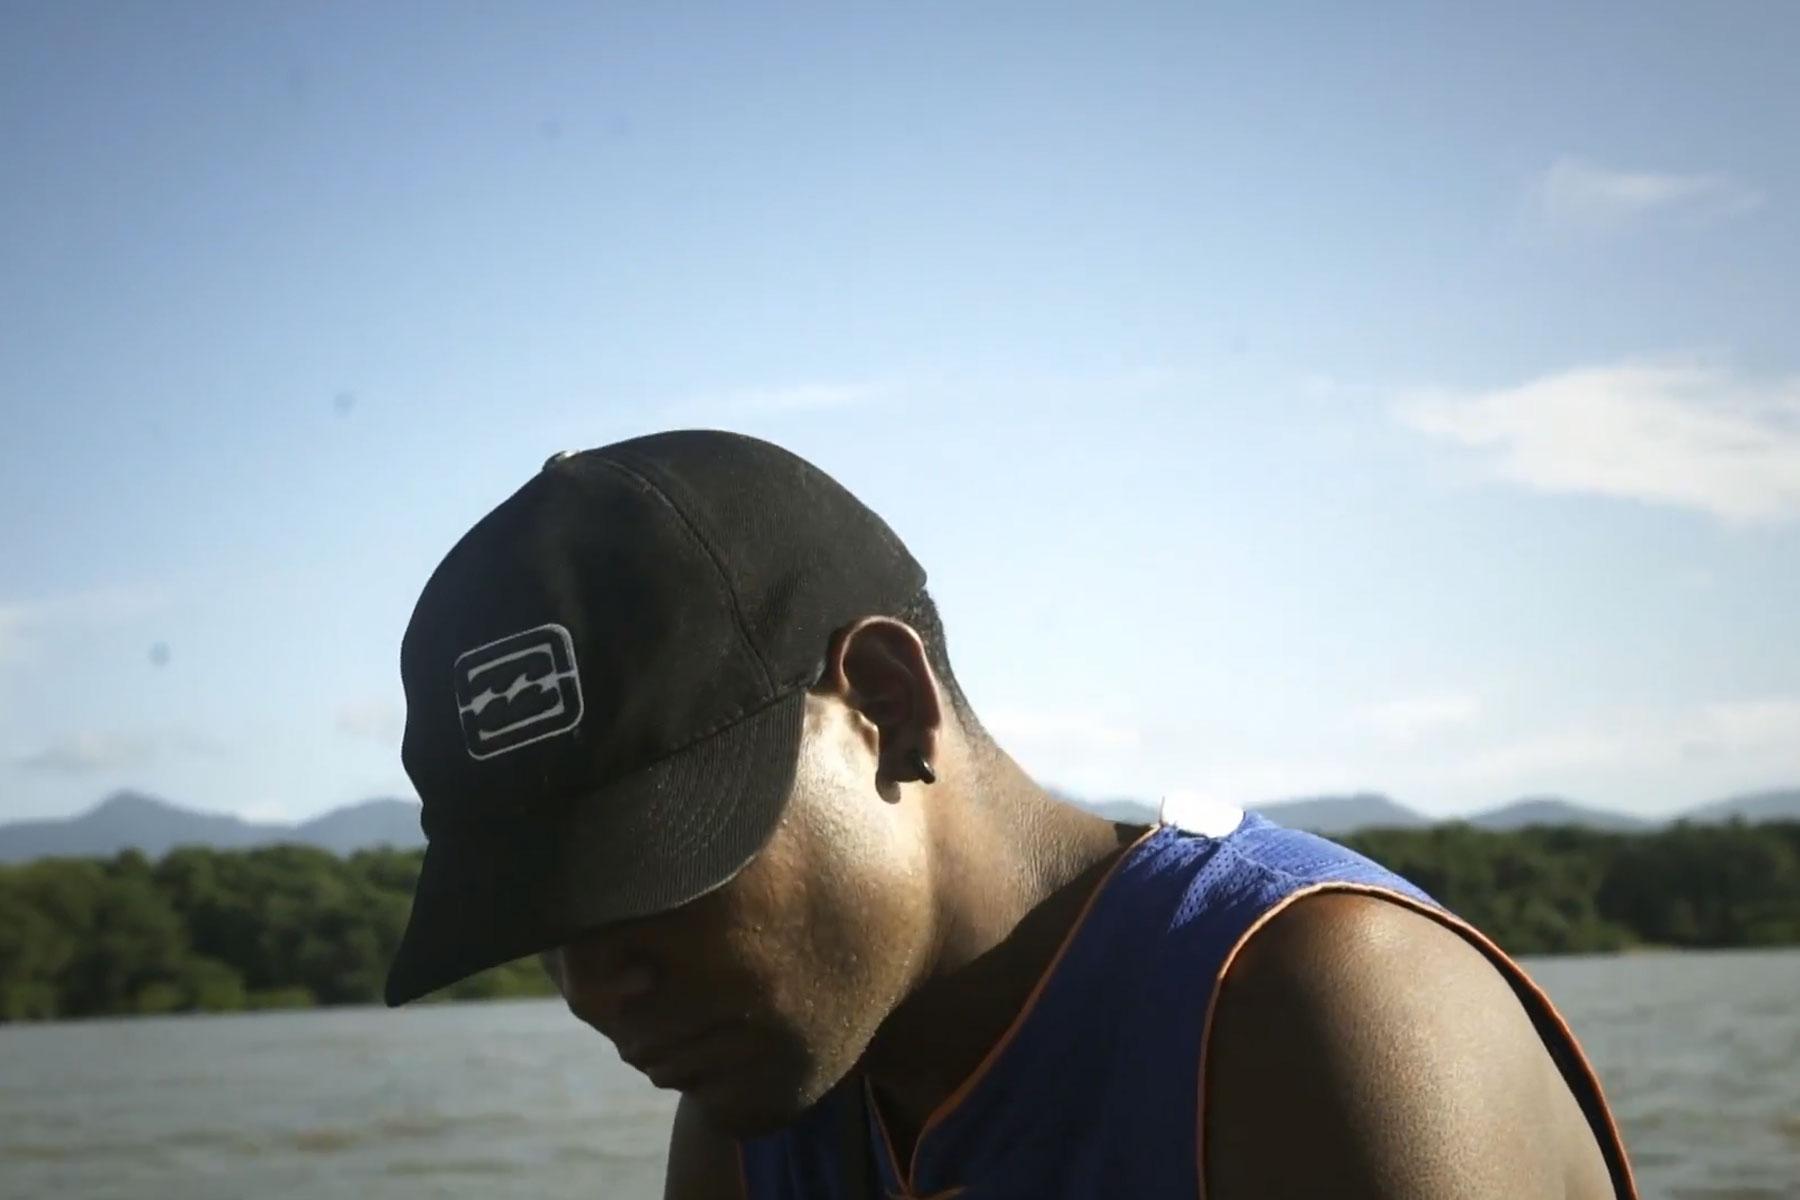 Venezuela: Smuggling Dreams